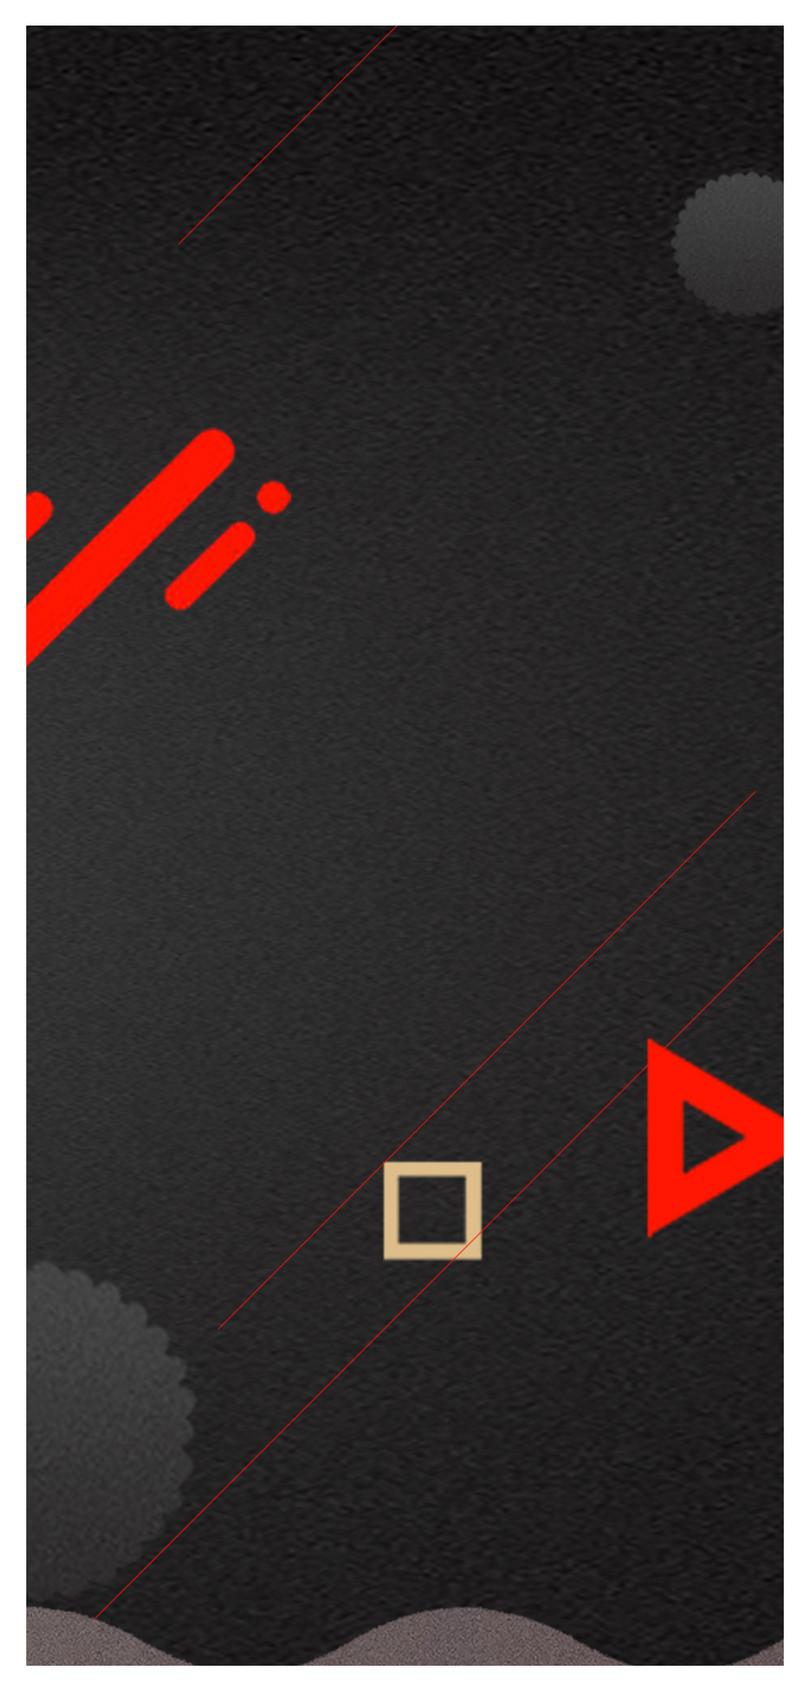 赤と黒のコントラストの携帯電話の壁紙イメージ 背景 Id 400752967 Prf